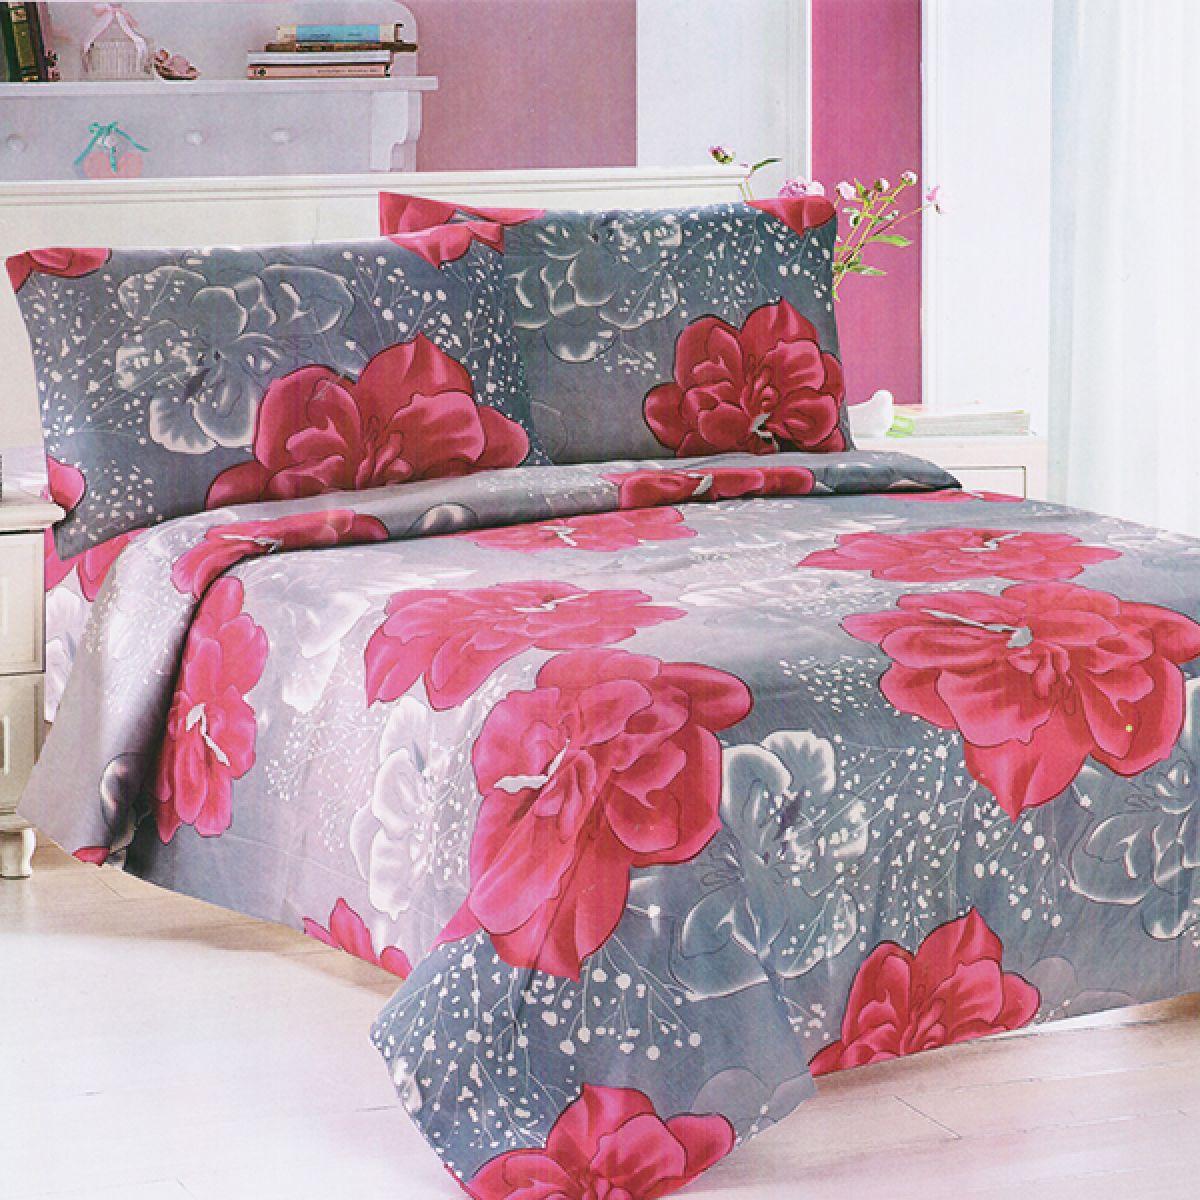 Cheap Beddings - TPR-512 - 220x200cm - 3 pcs